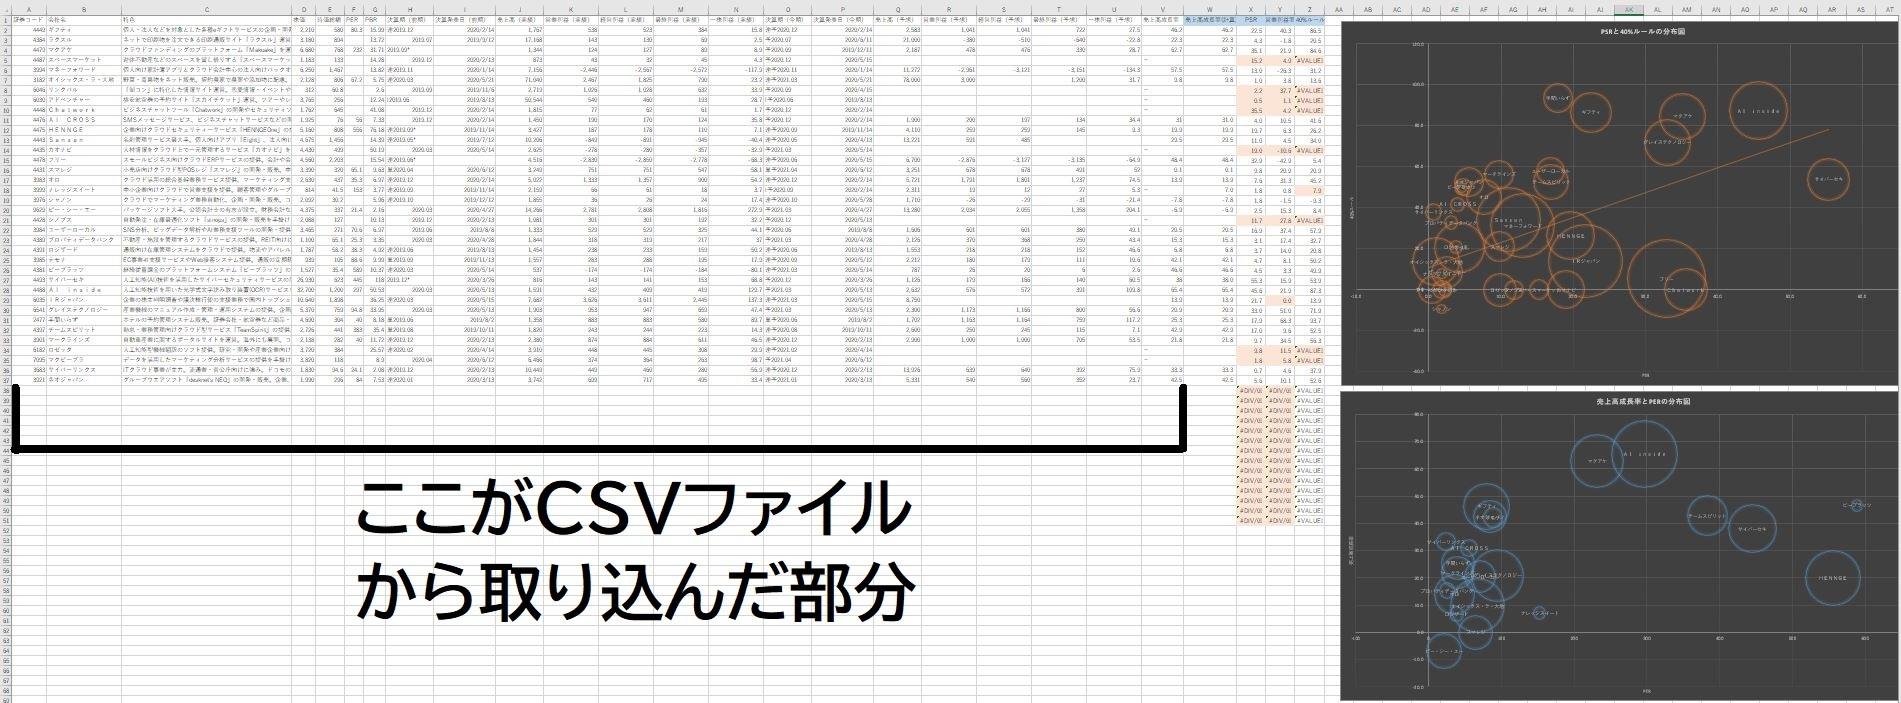 20200617CSV例7